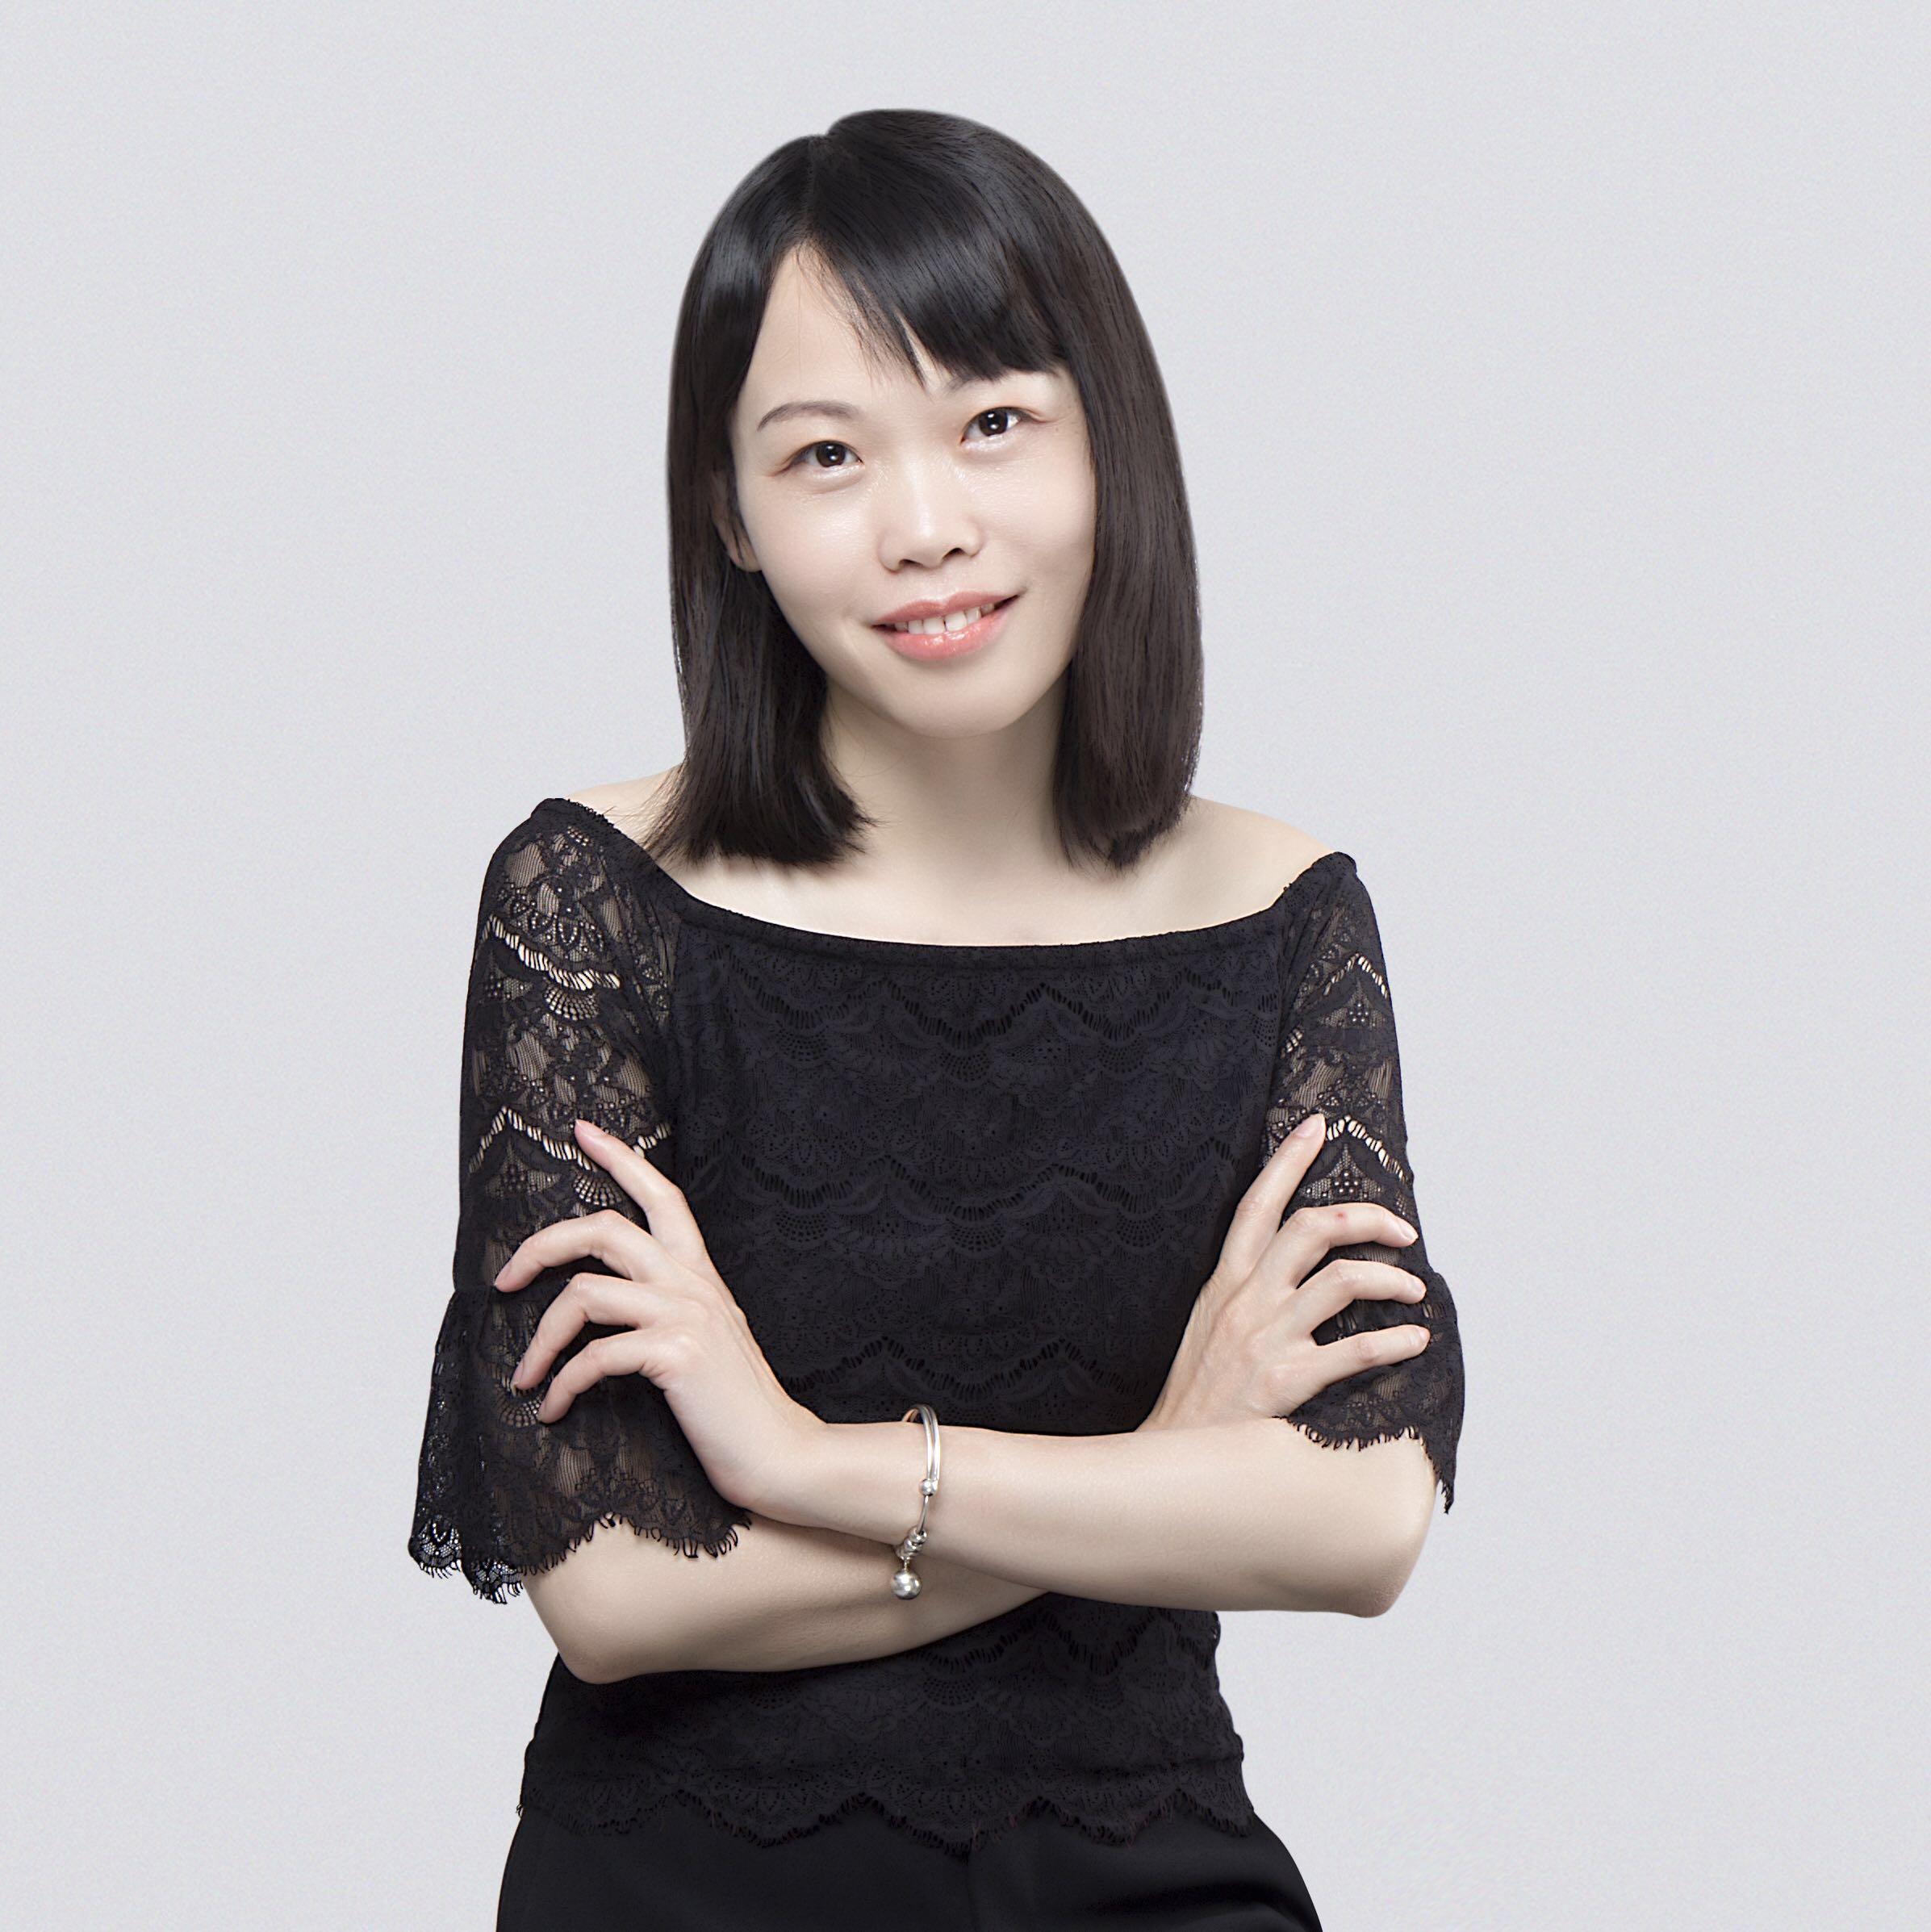 心理咨询师陈珊